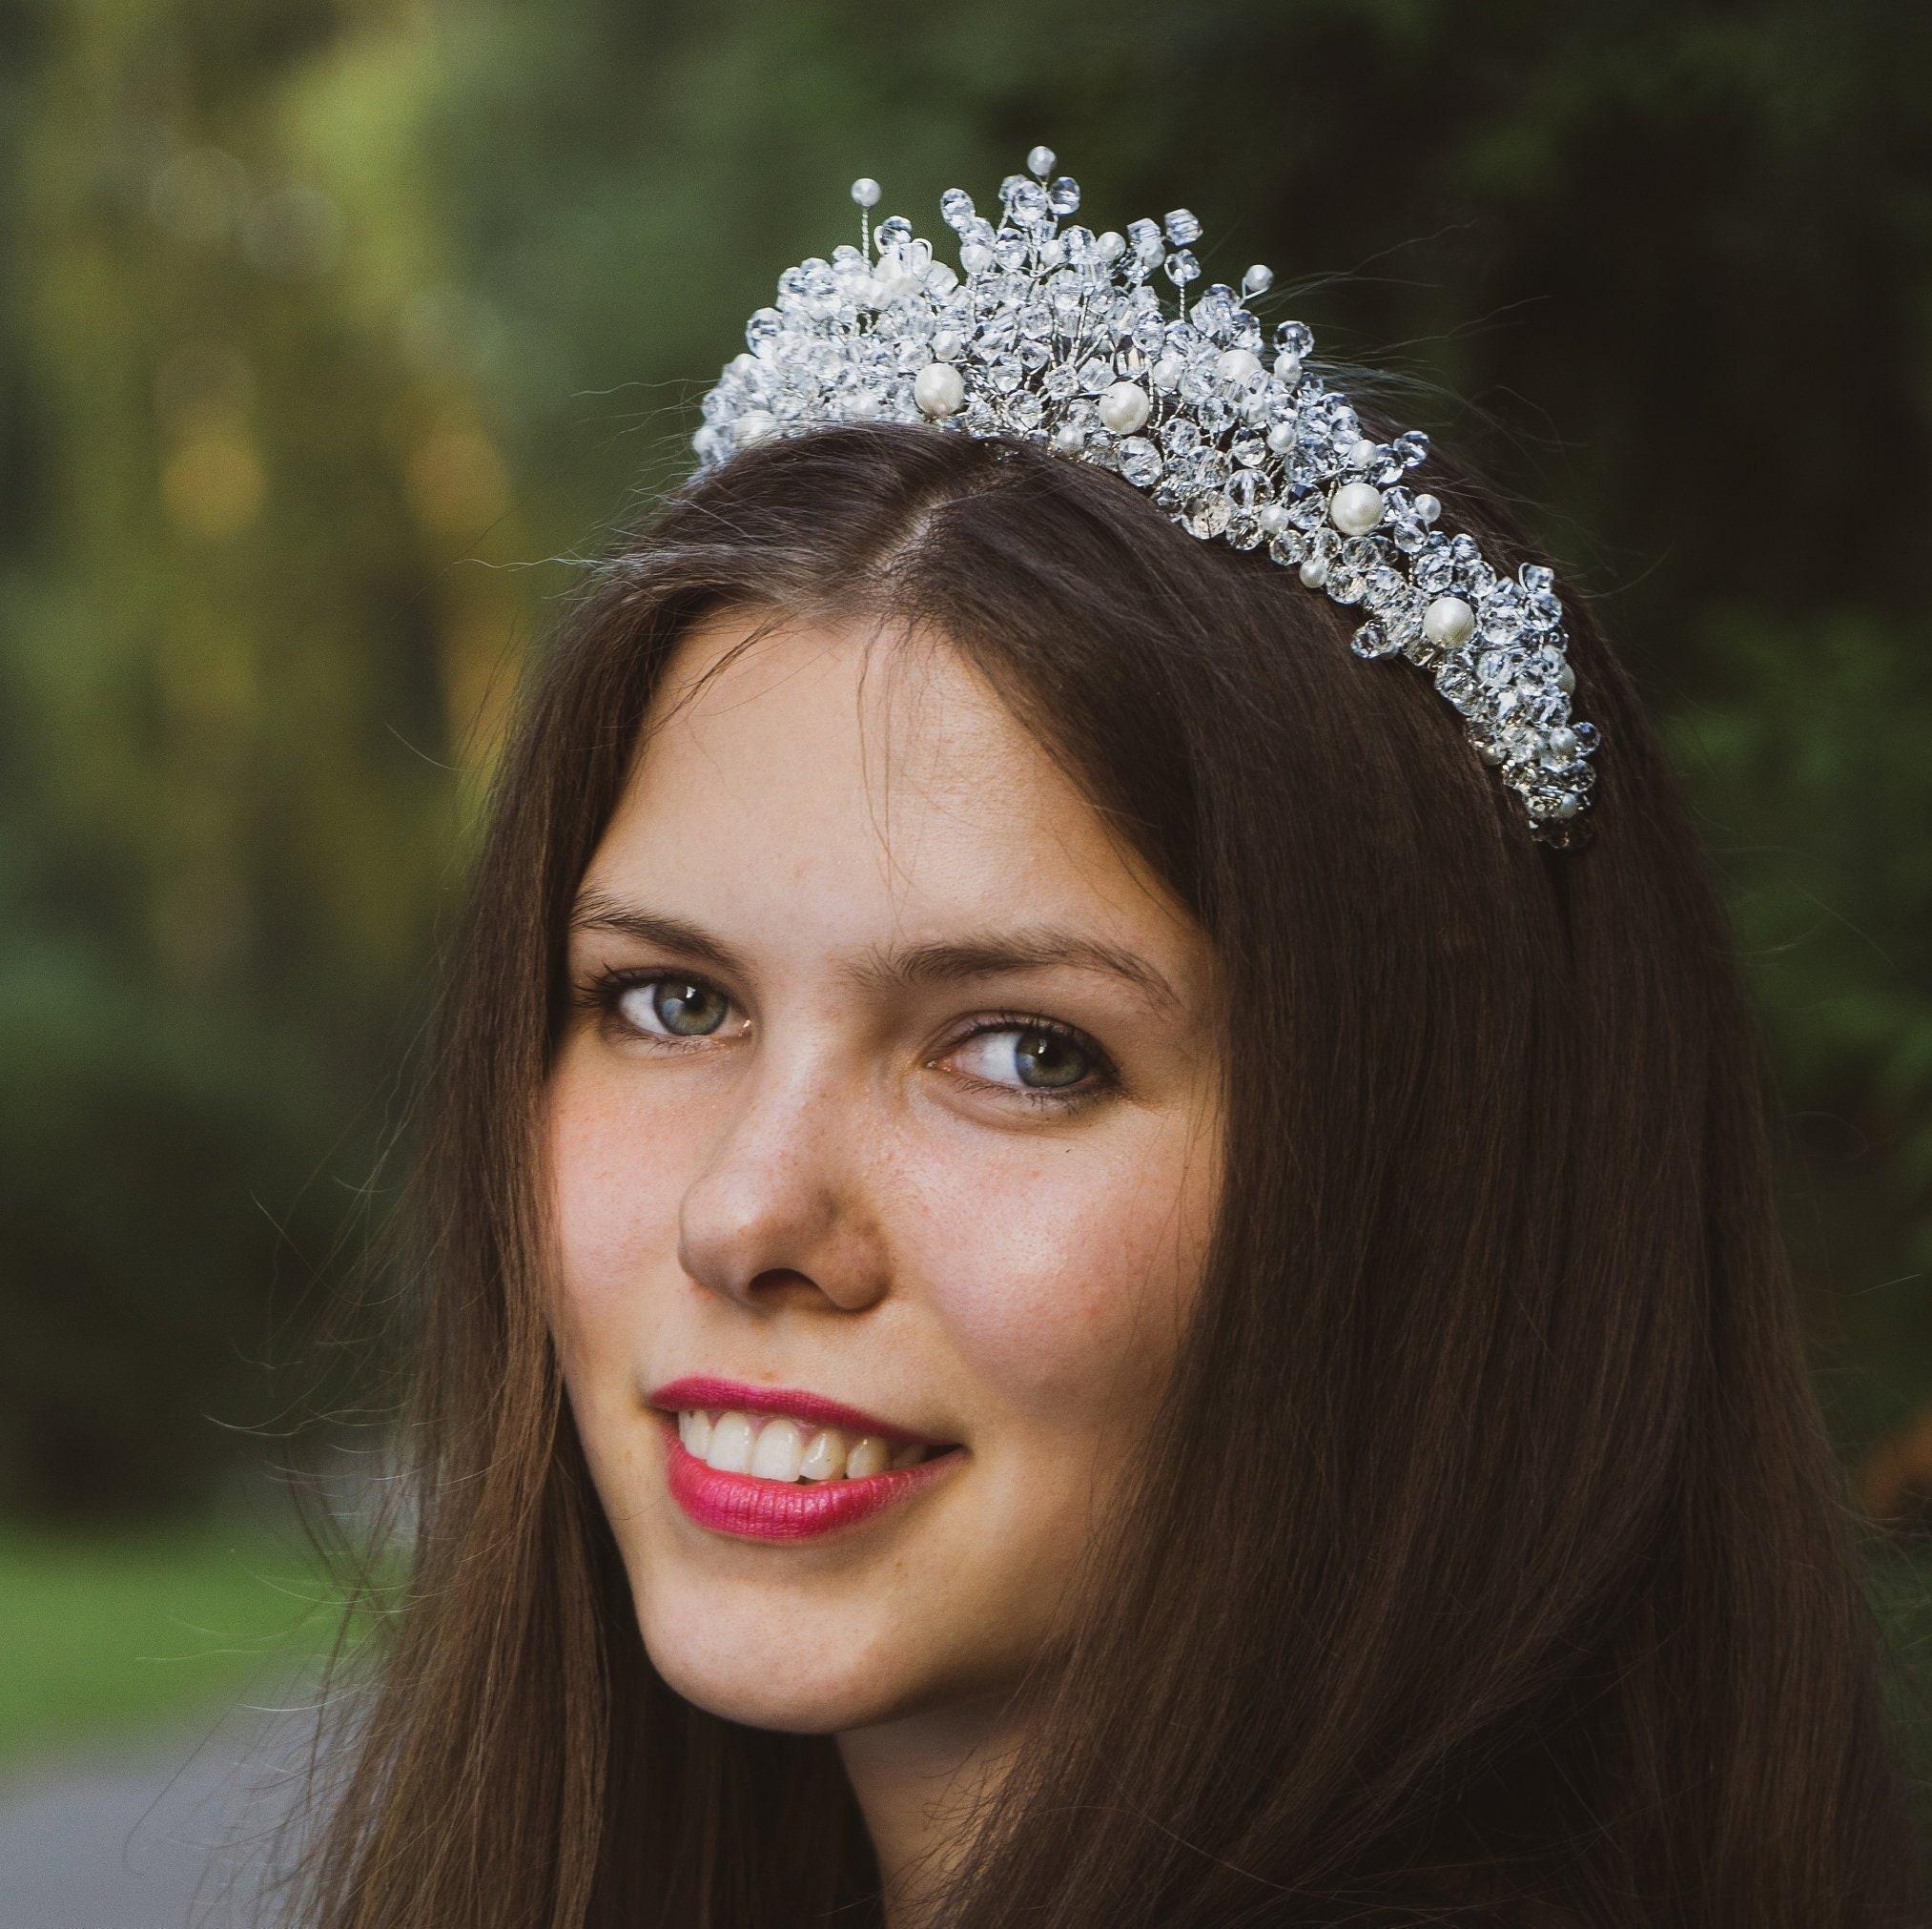 Diamond CrownClear Crystal Wedding CrownBridal CrownBridal HeadpieceCrystal Wedding Tiara